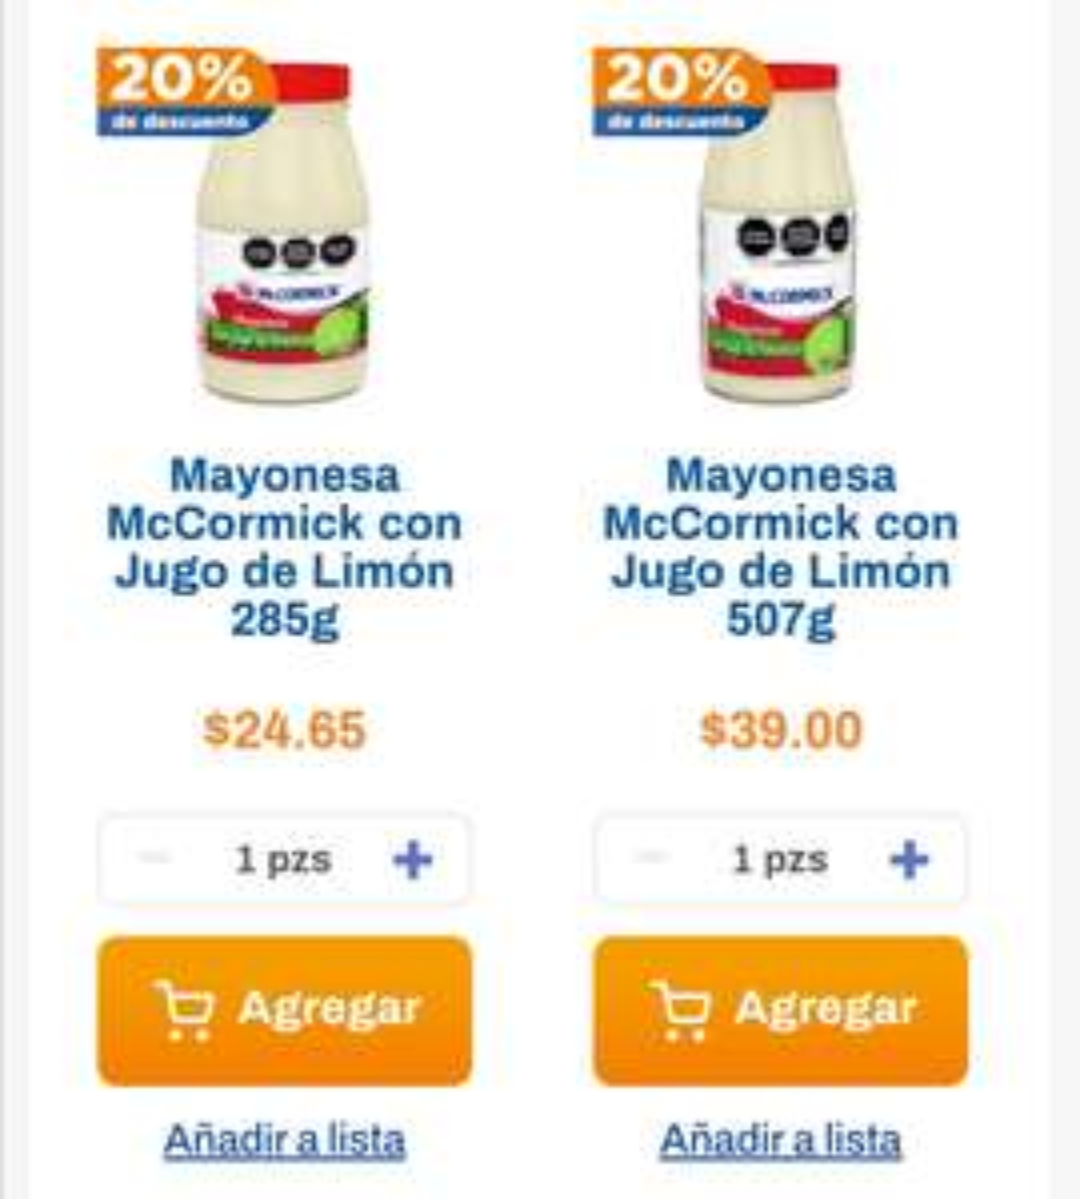 Chedraui: 20% de descuento en mayonesa McCormick con jugo de limón 507 g y 285 g